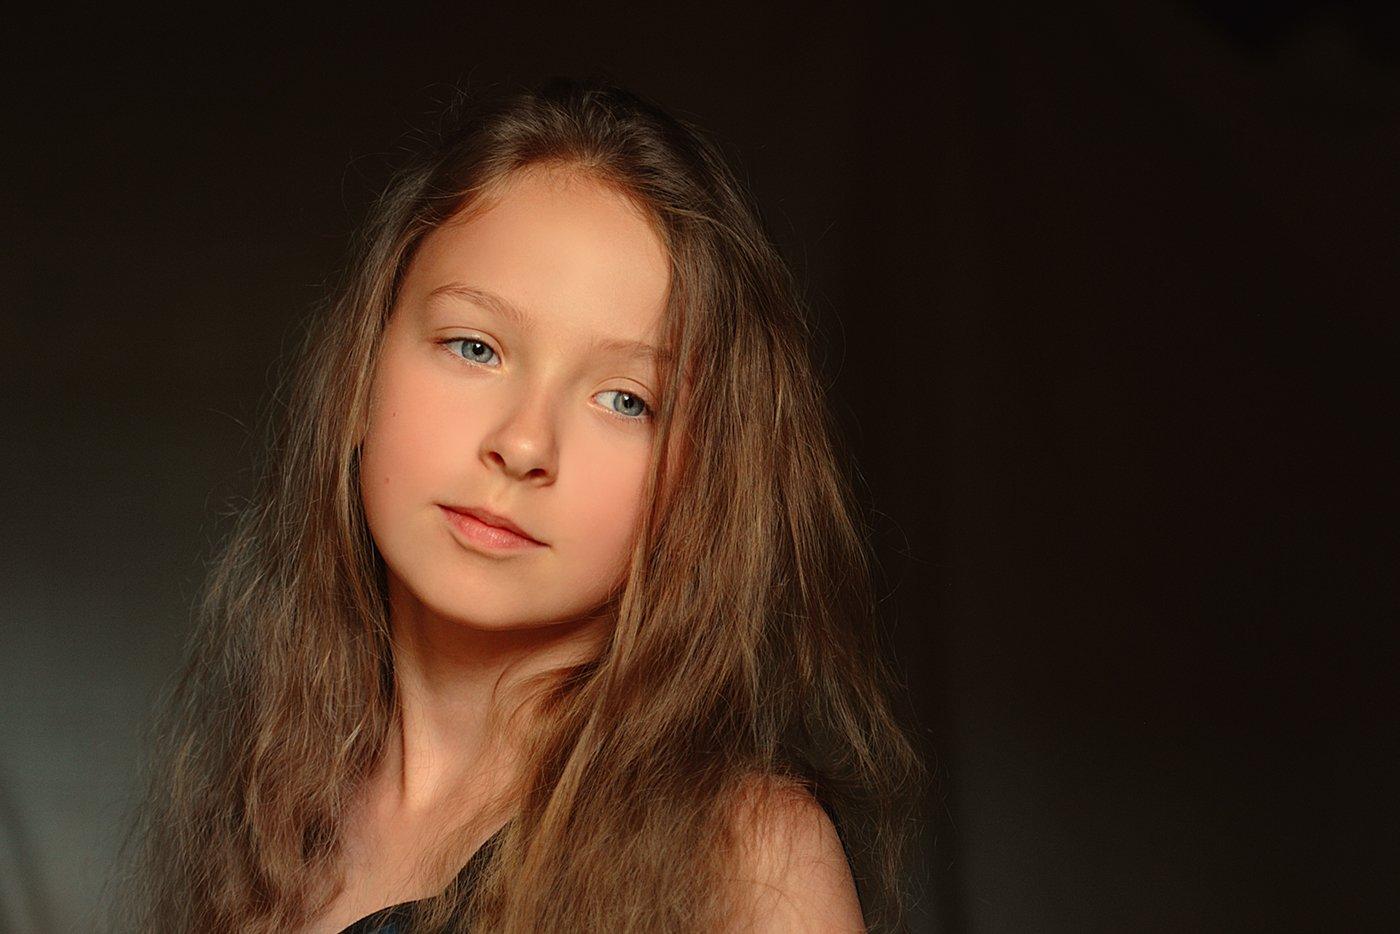 девочка, детство, портрет, Вьюшкин Игорь